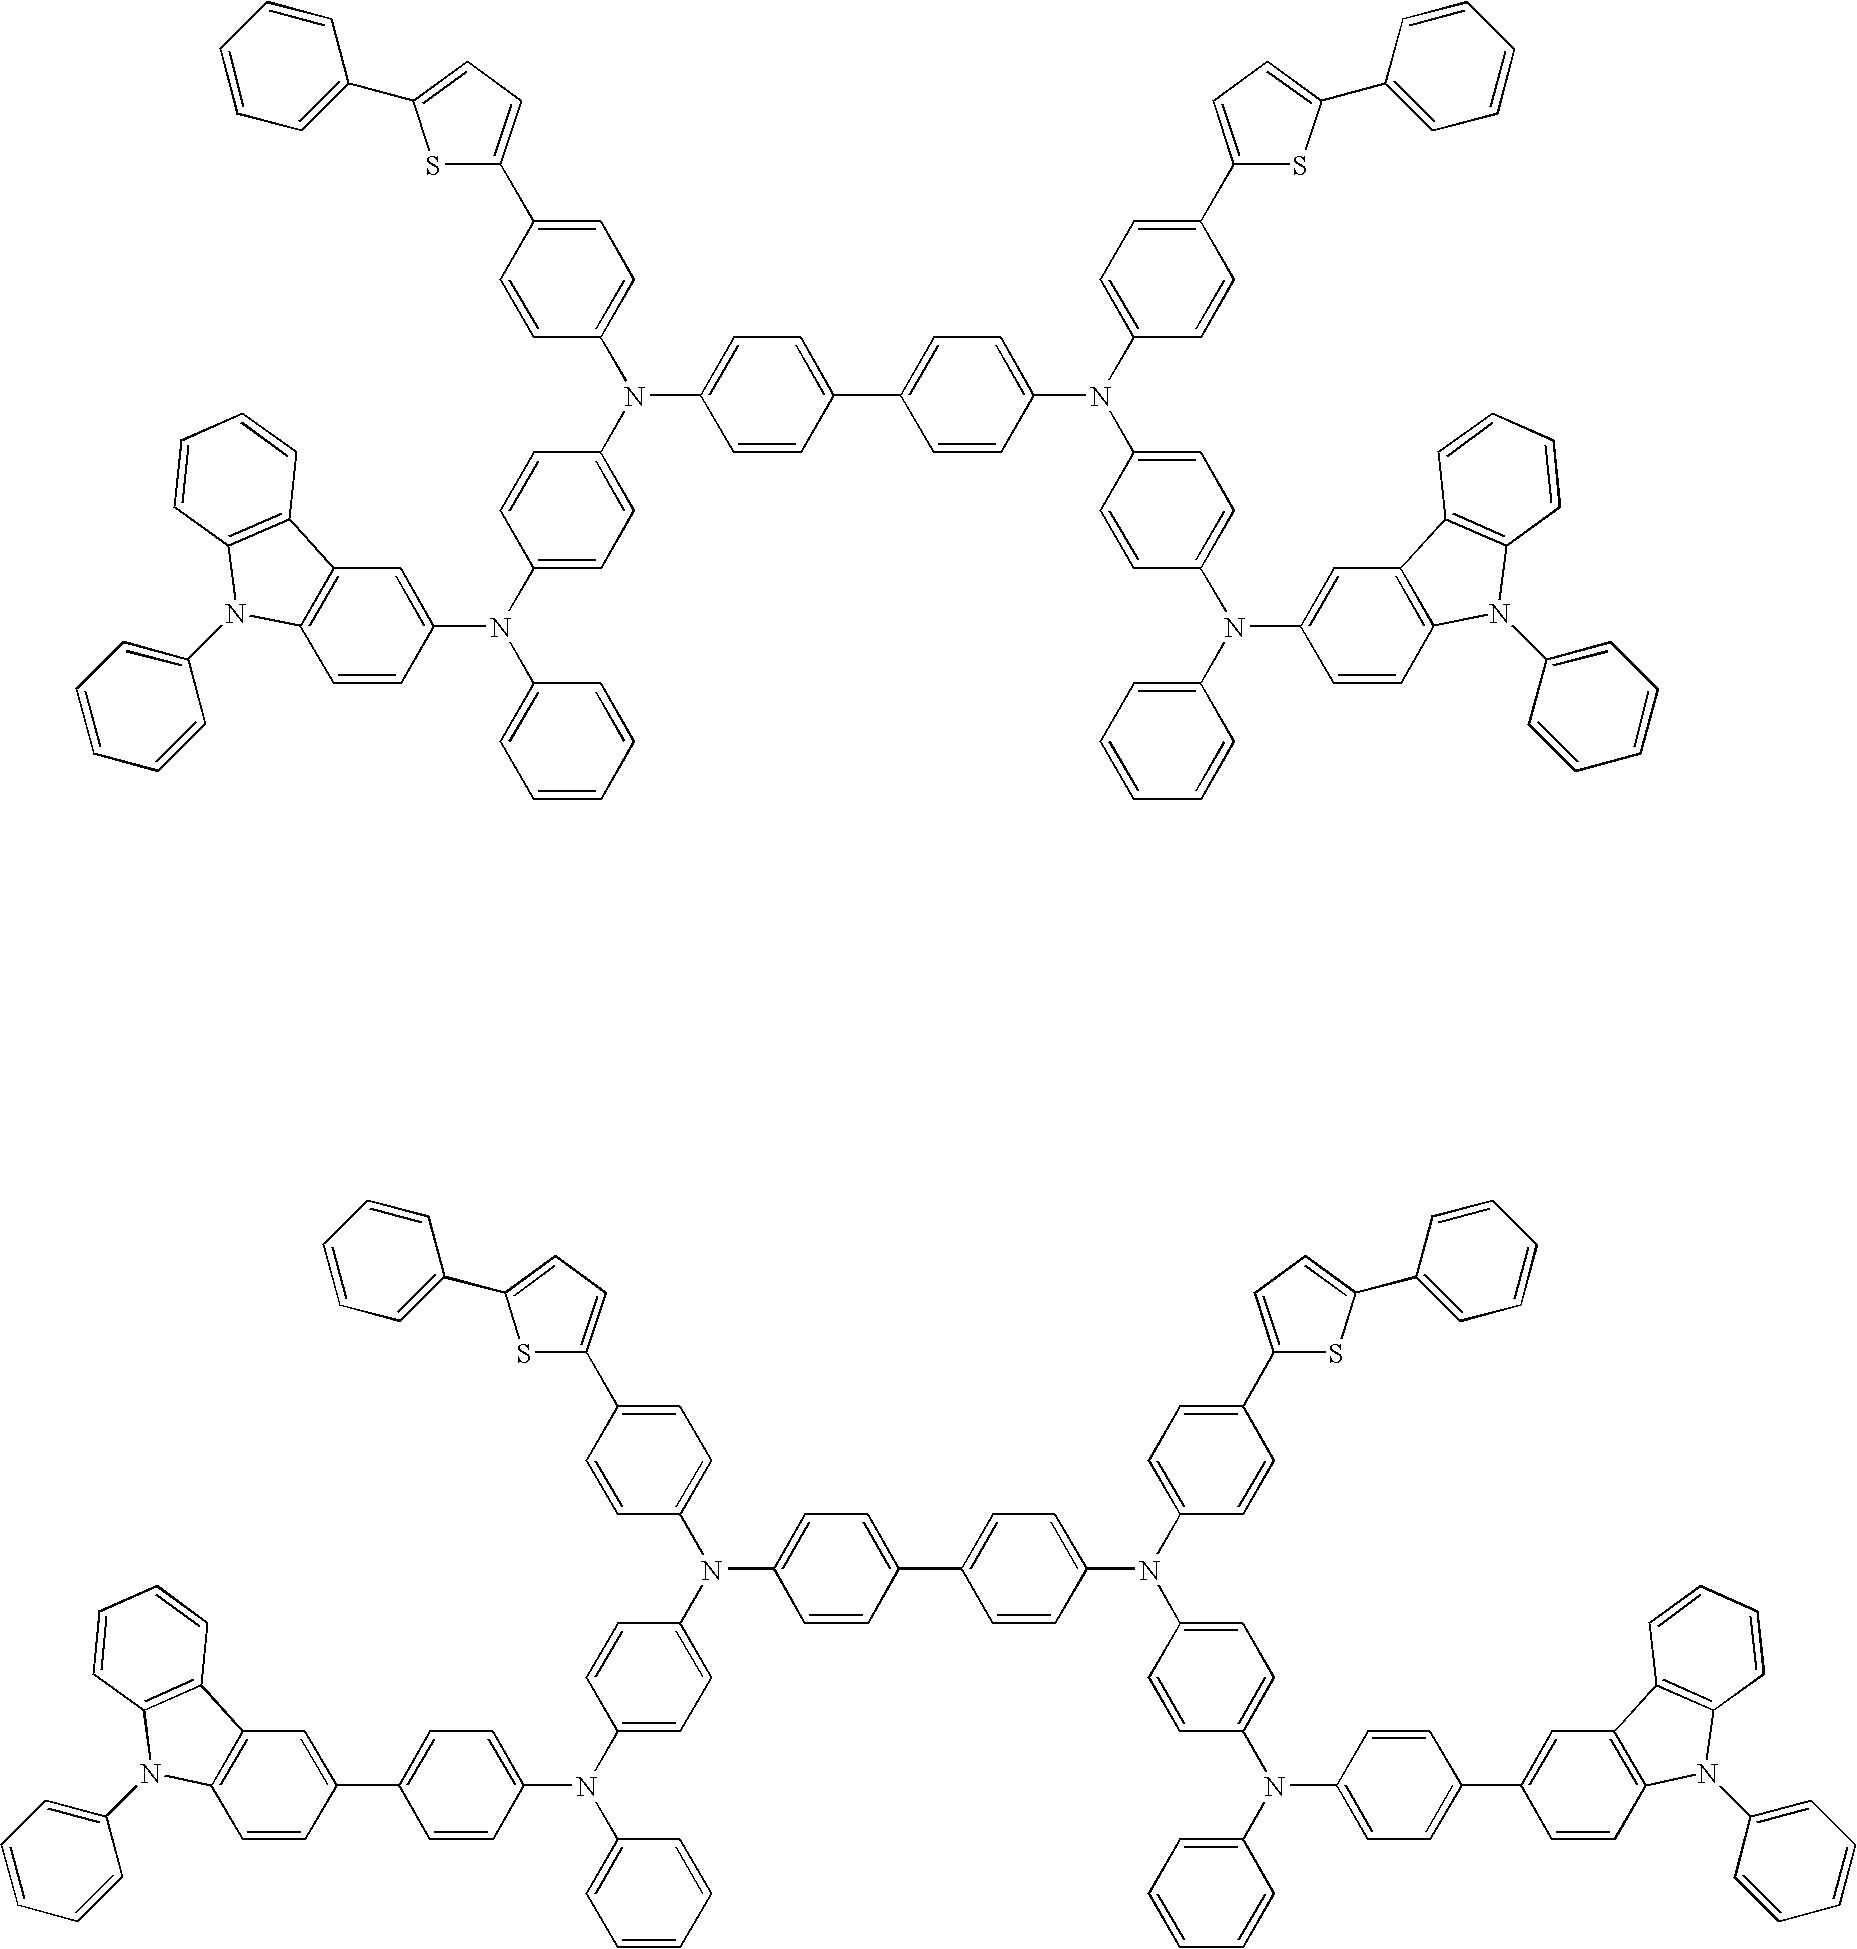 Figure US20090066235A1-20090312-C00049